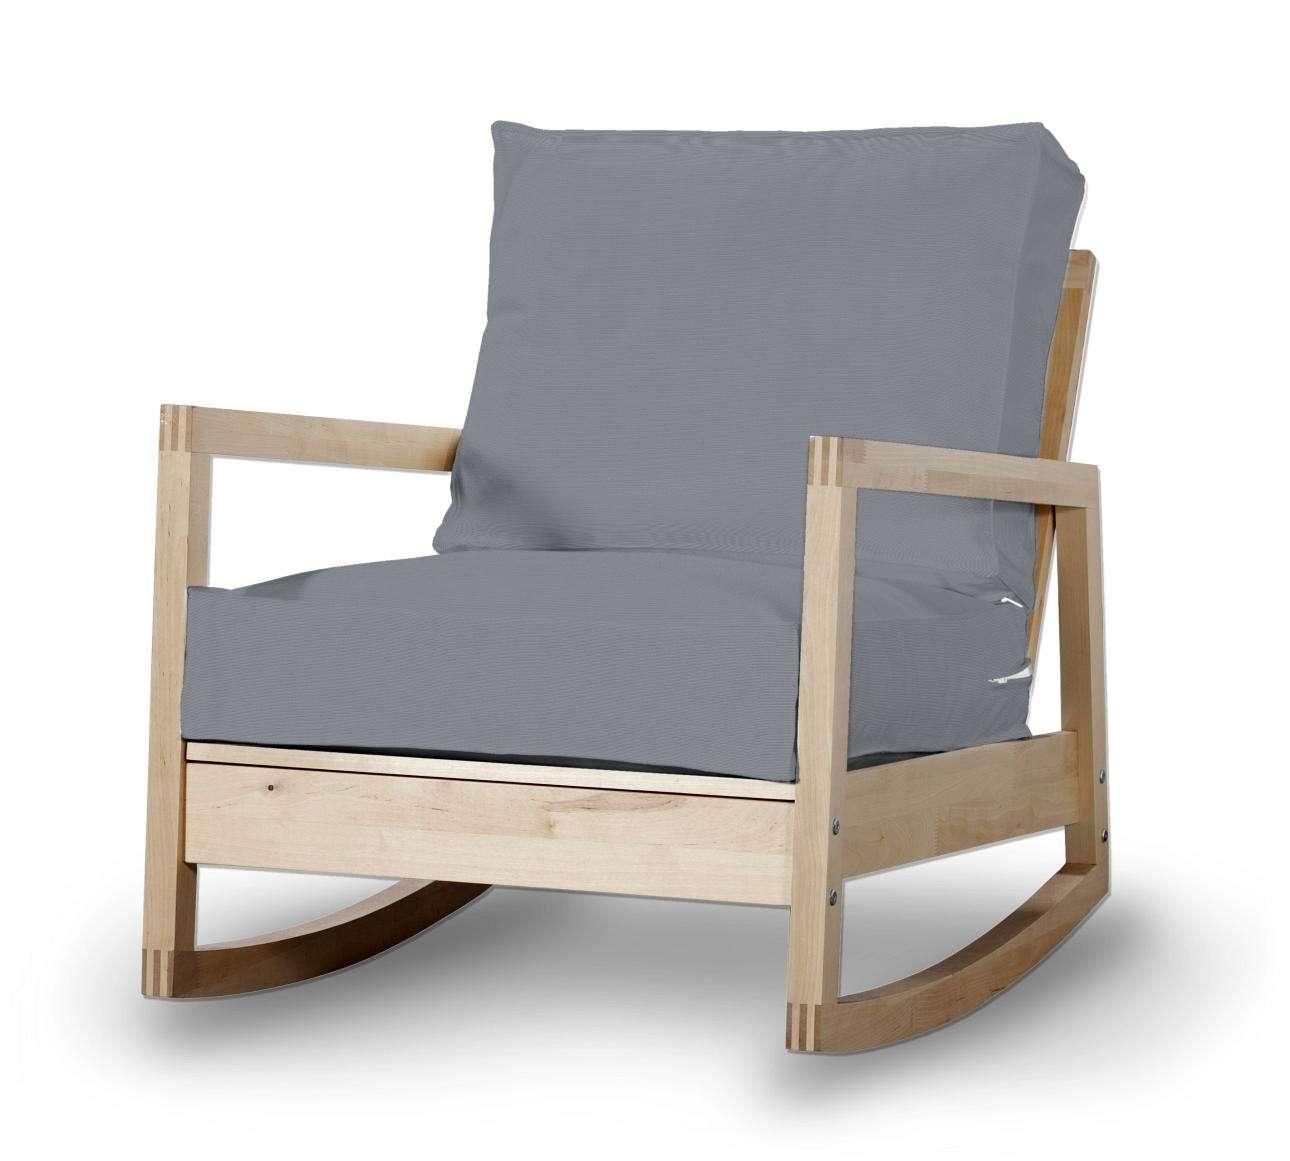 LILLBERG fotelio užvalkalas LILLBERG fotelio užvalkalas kolekcijoje Cotton Panama, audinys: 702-07